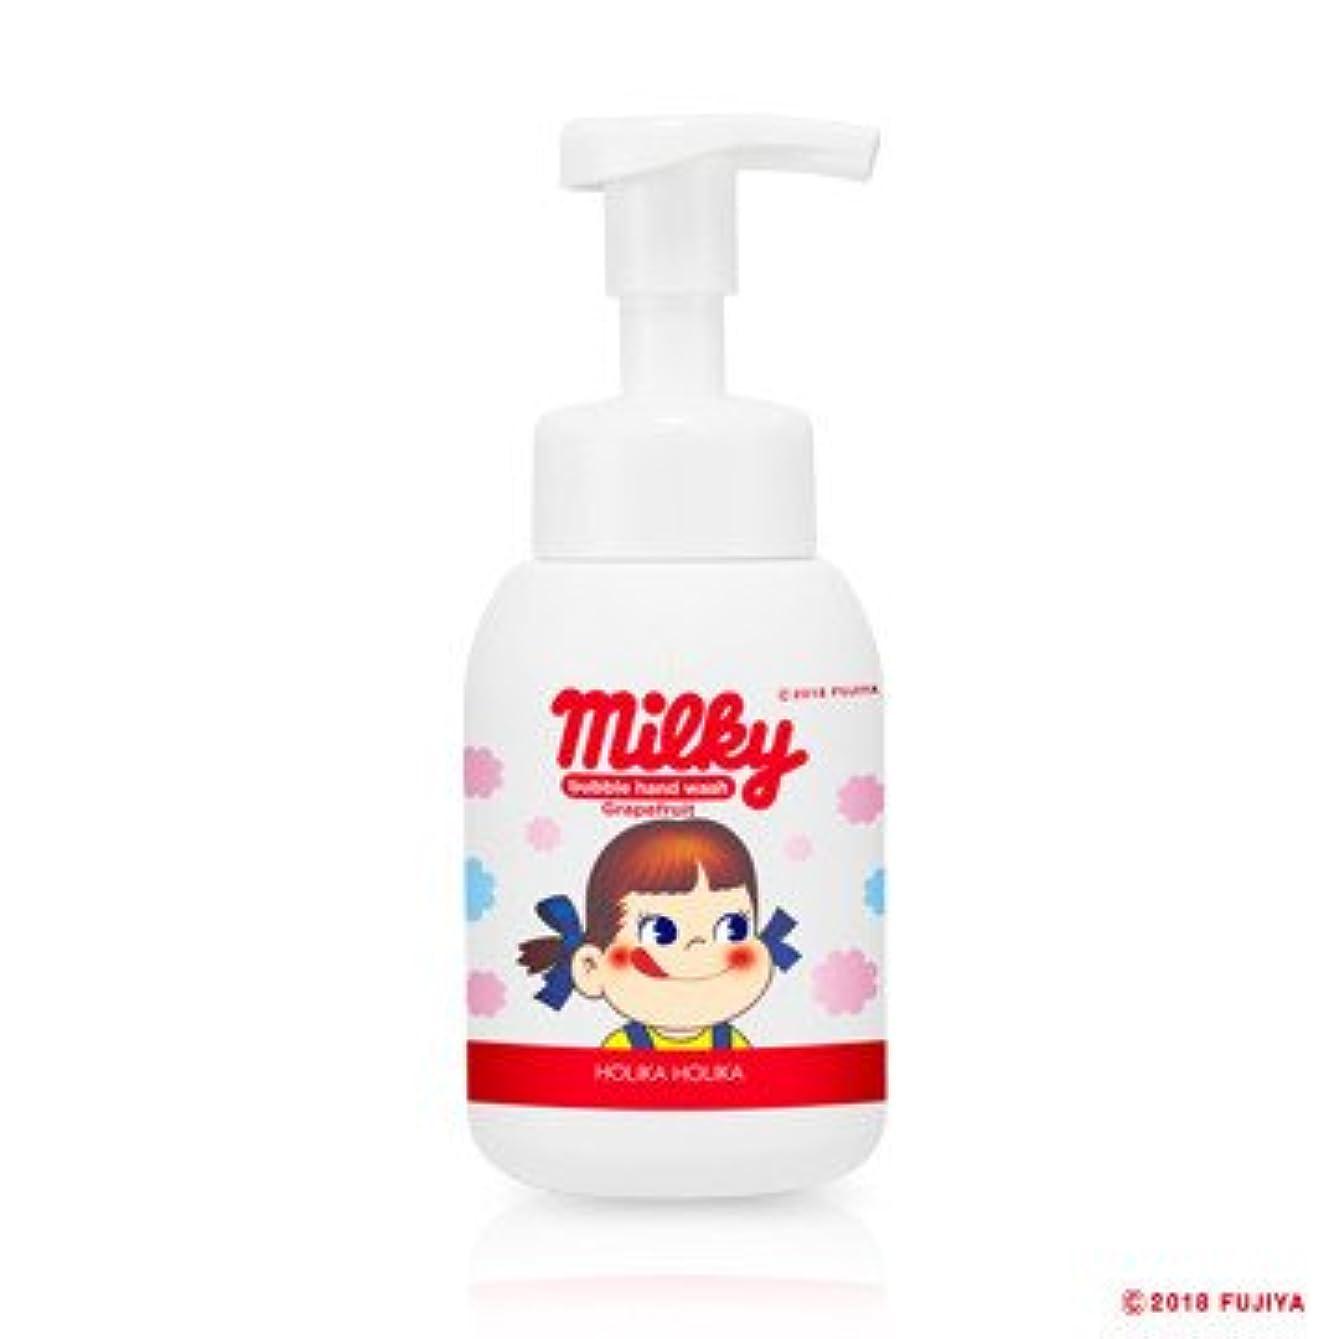 弓宝ビジネスHolika Holika [Sweet Peko Edition] Bubble Hand Wash/ホリカホリカ [スイートペコエディション] バブルハンドウォッシュ 250ml [並行輸入品]